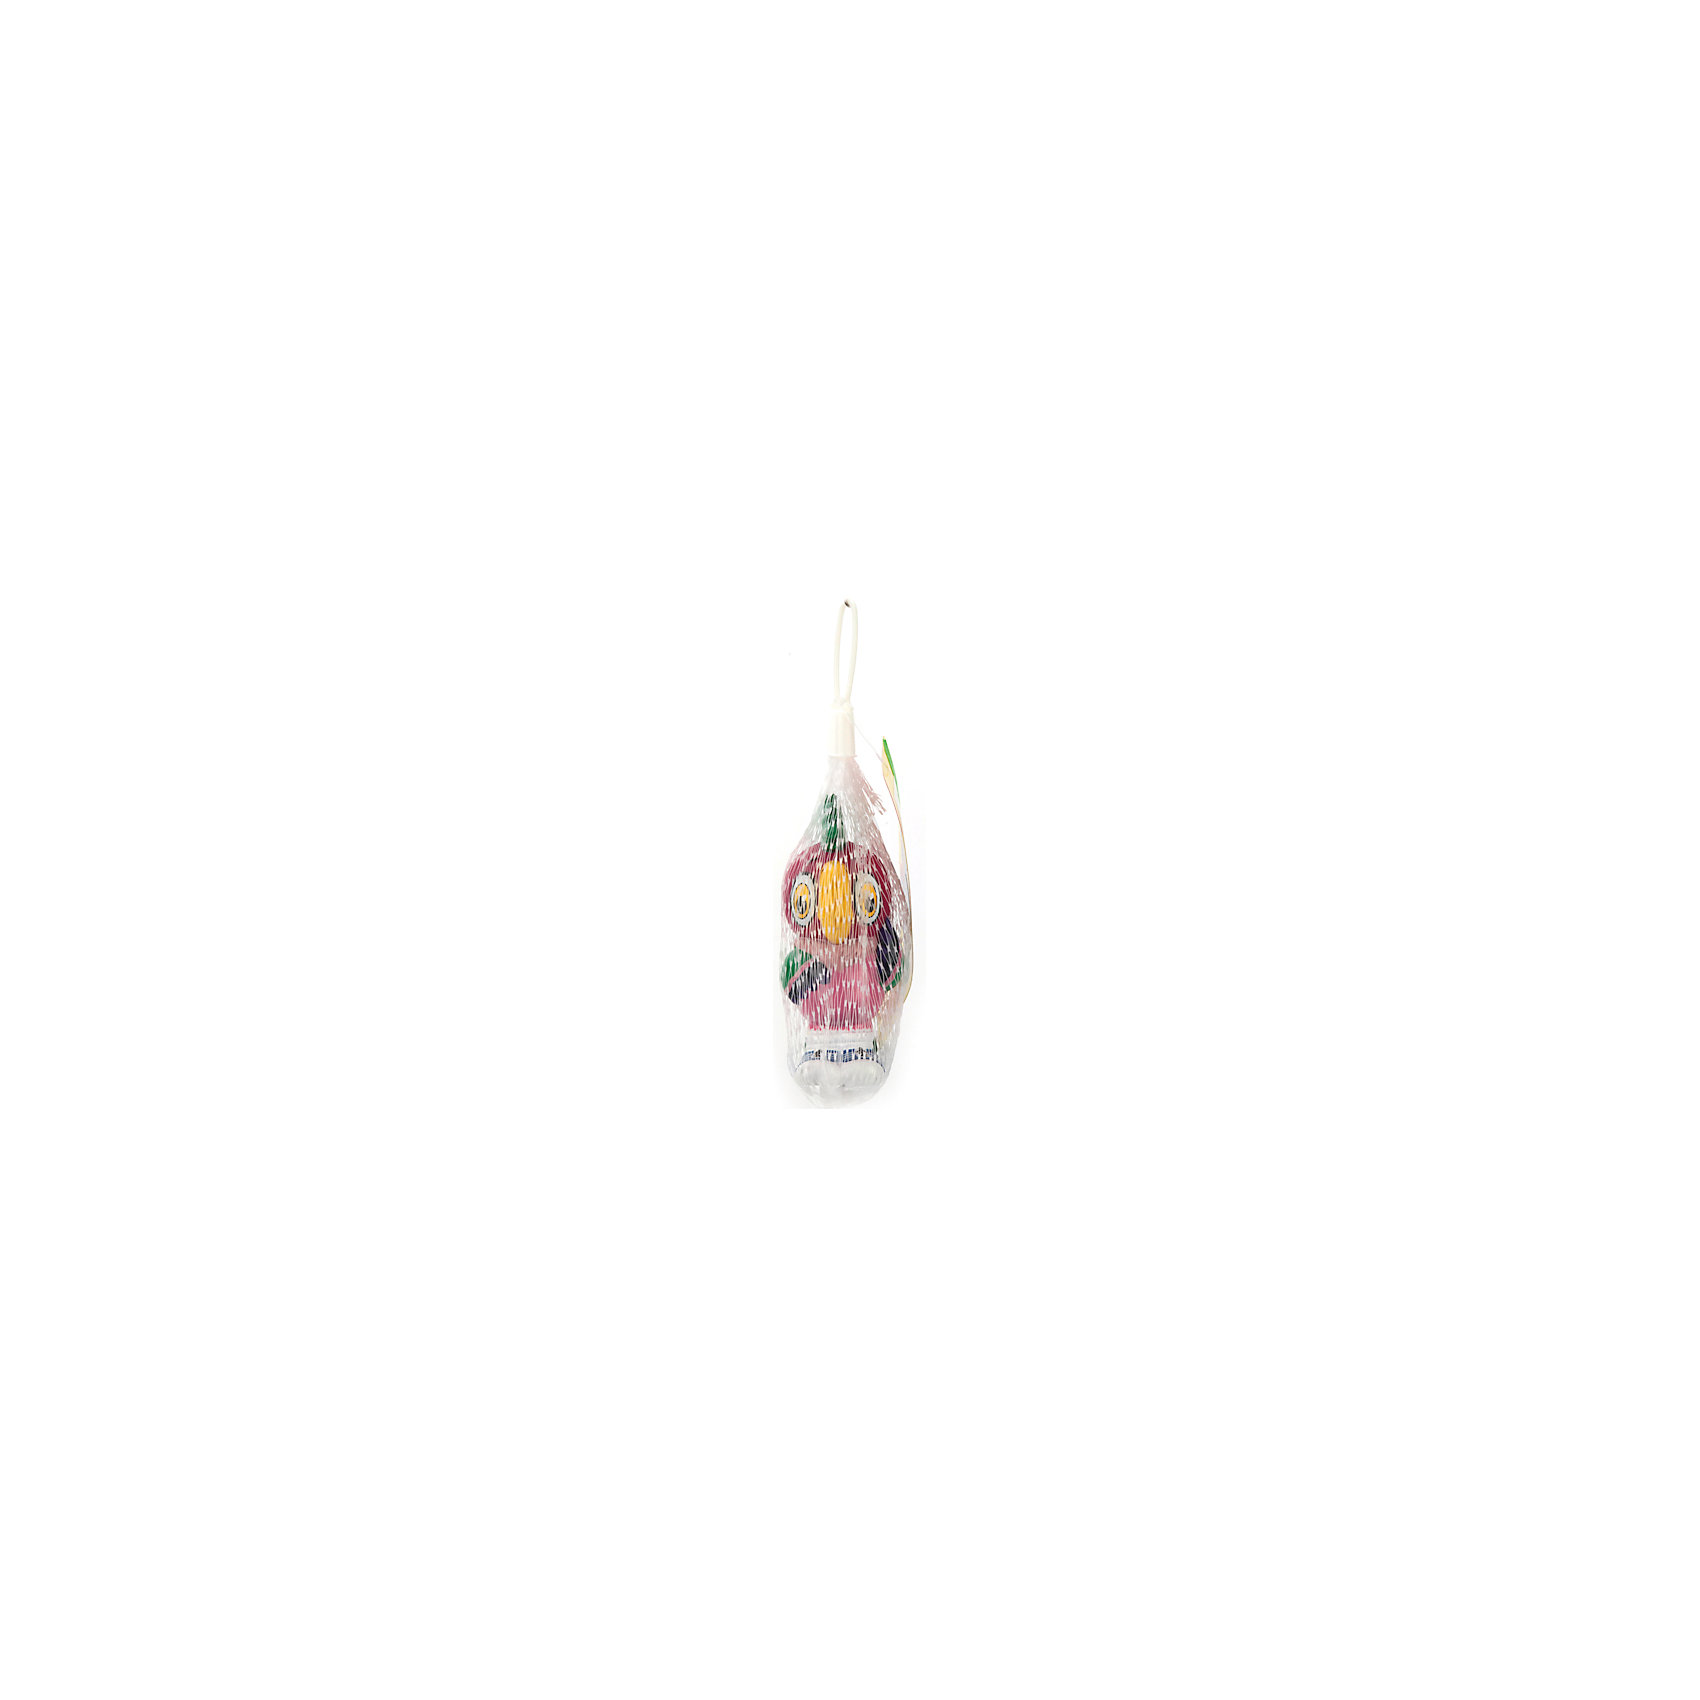 Фигурка для ванной Попугай Кеша, Играем ВместеСоветские мультфильмы<br><br><br>Ширина мм: 40<br>Глубина мм: 40<br>Высота мм: 150<br>Вес г: 30<br>Возраст от месяцев: 12<br>Возраст до месяцев: 60<br>Пол: Унисекс<br>Возраст: Детский<br>SKU: 6848803